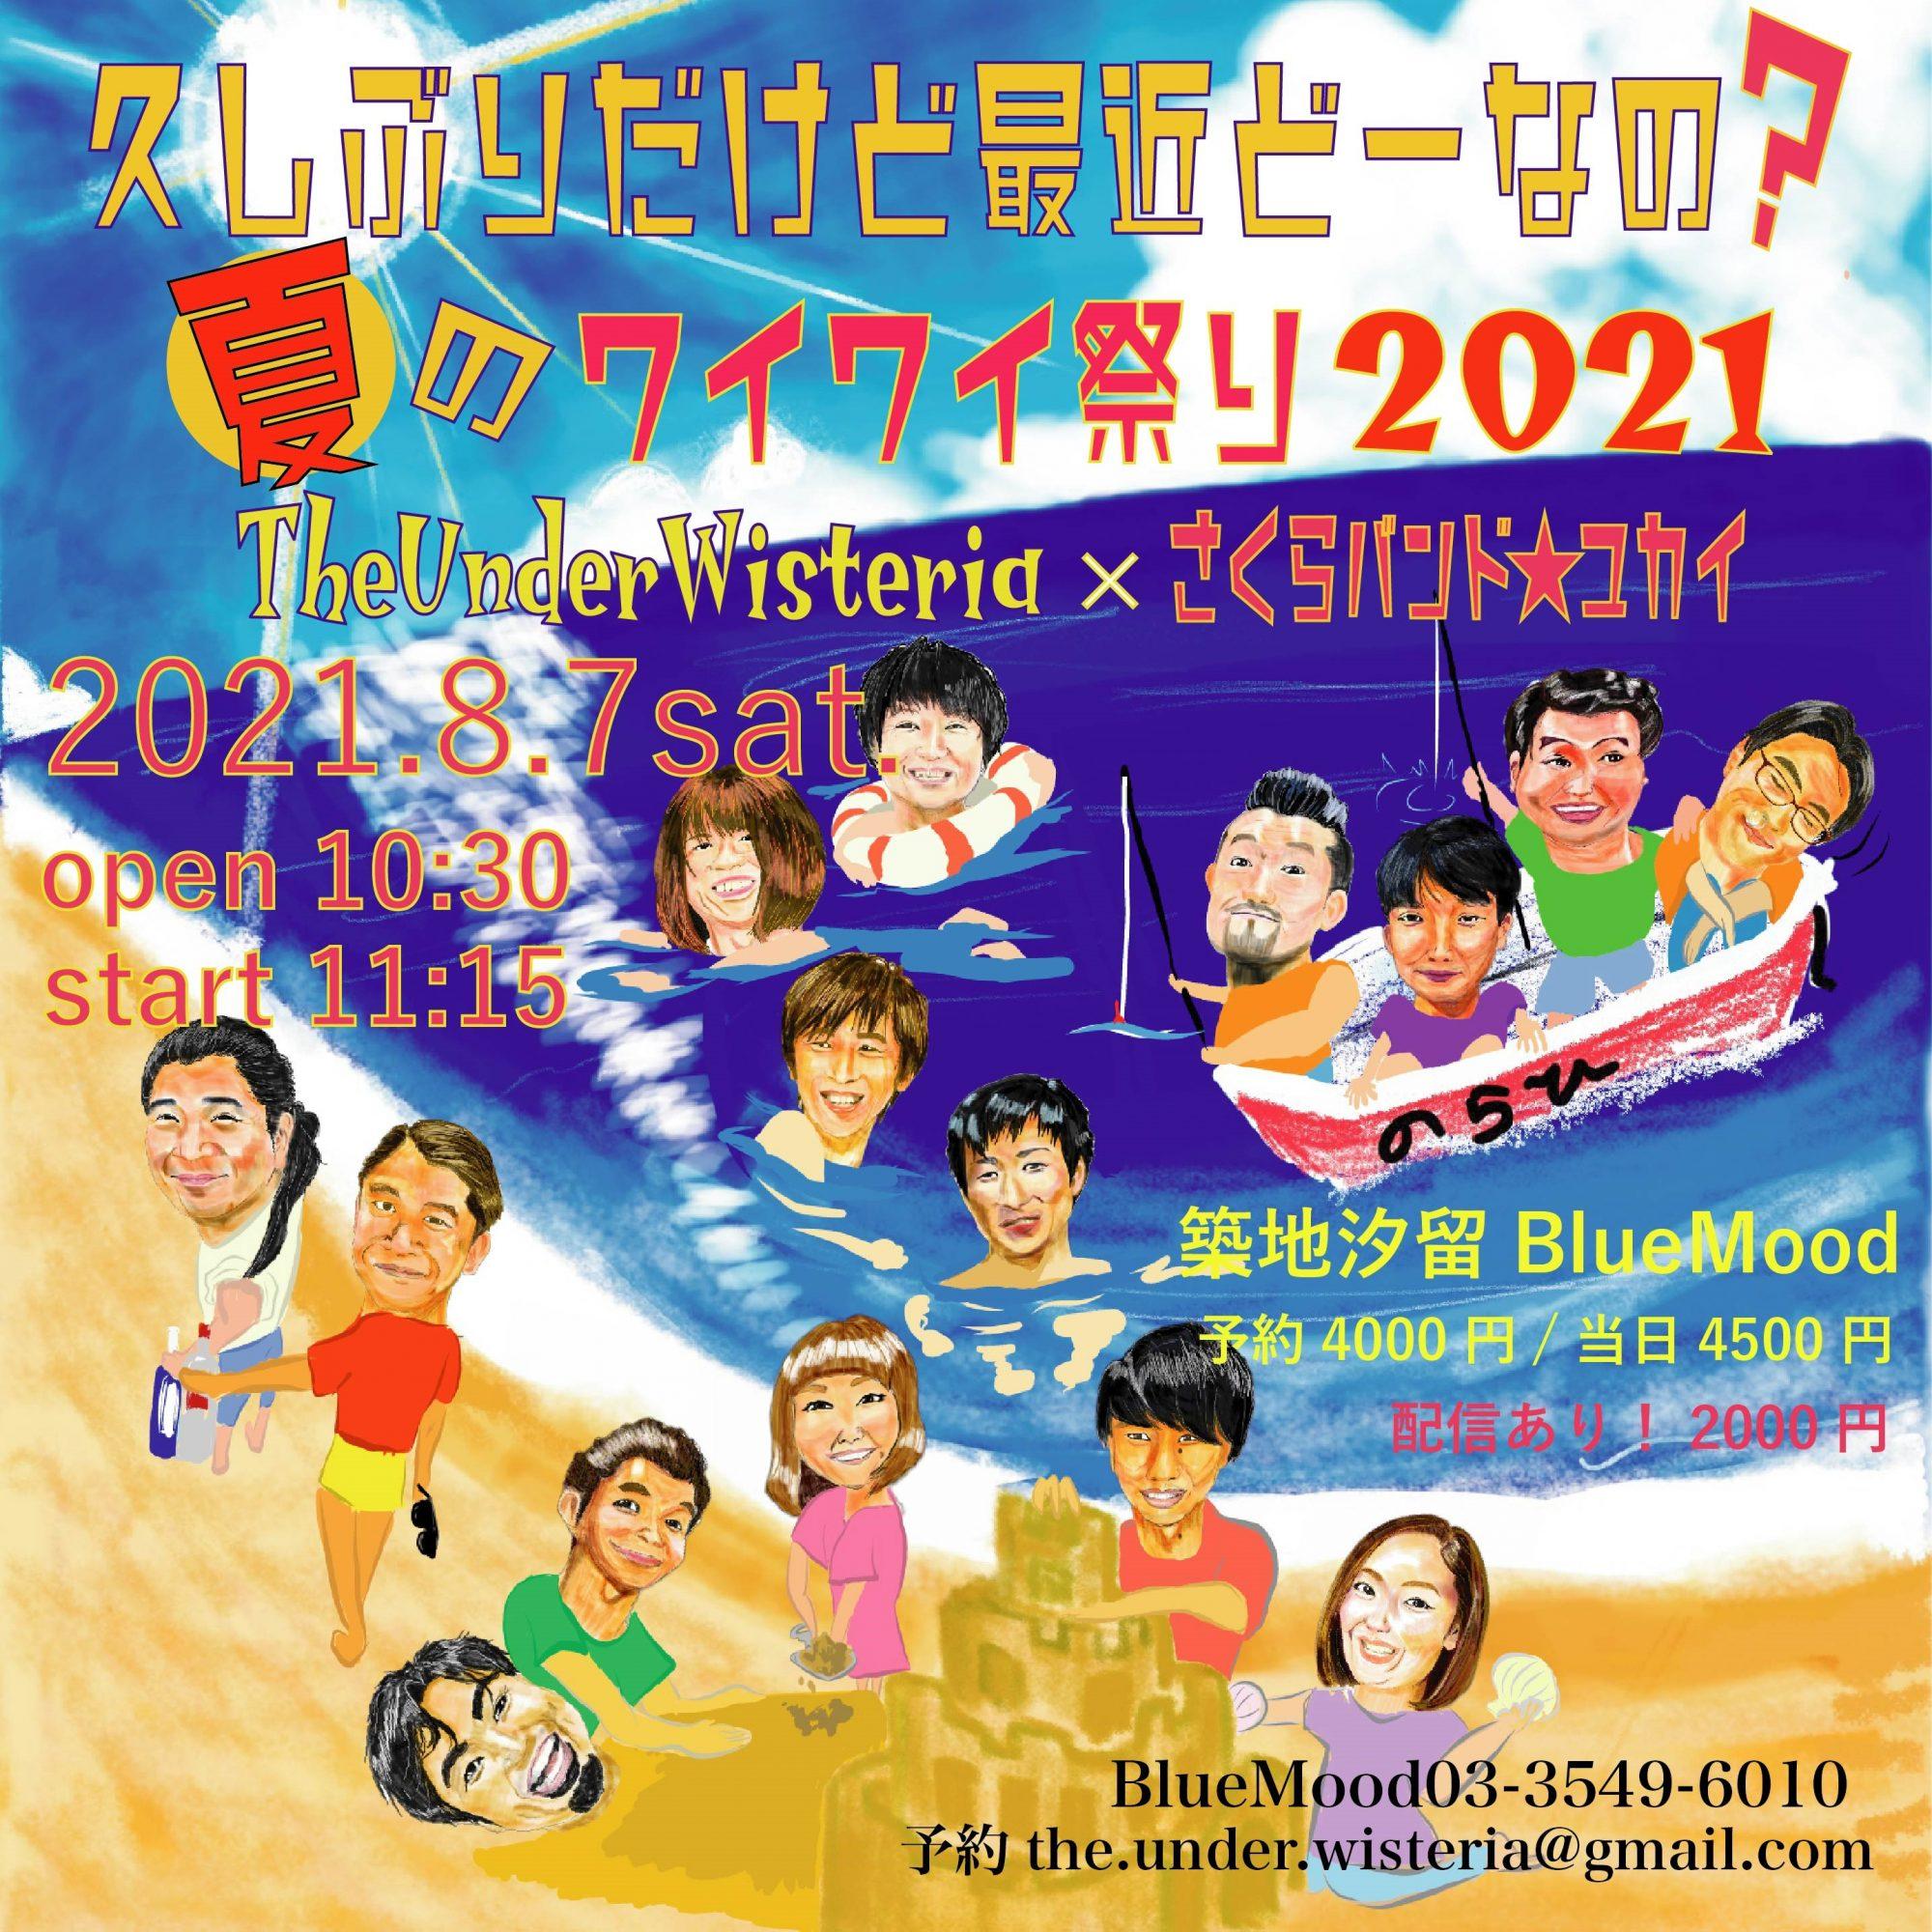 久しぶりだけど最近どーなの? 夏のワイワイ祭り2021 The Under Wisteria × さくらバンド☆ユカイ